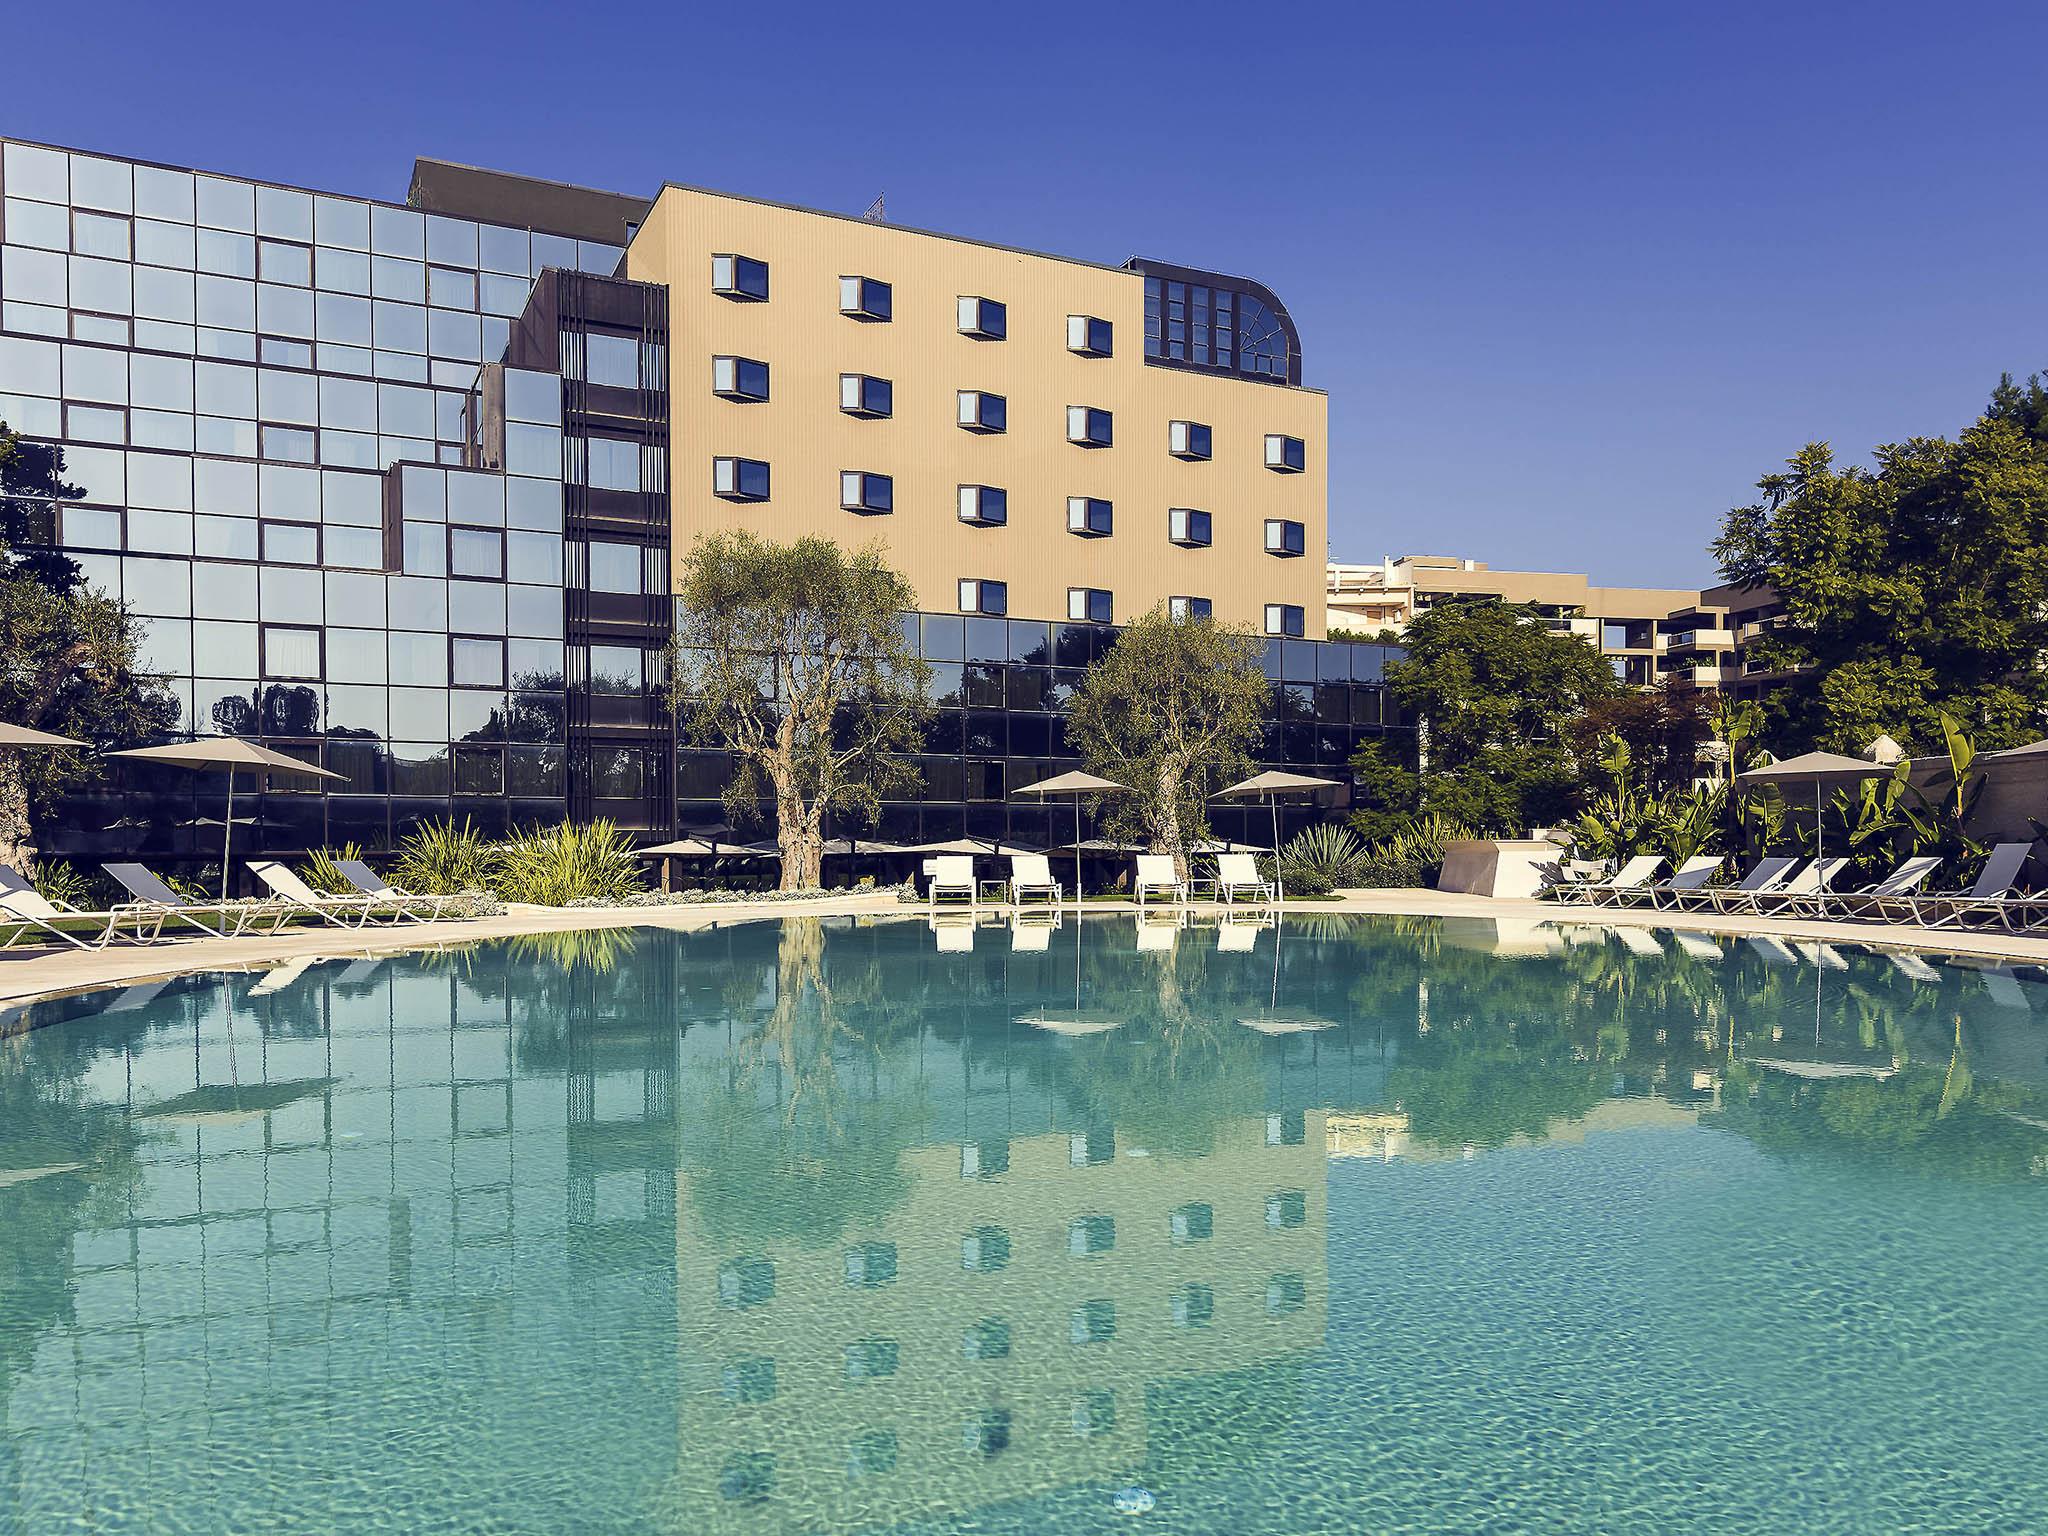 Hotel - Mercure Villa Romanazzi Carducci Bari